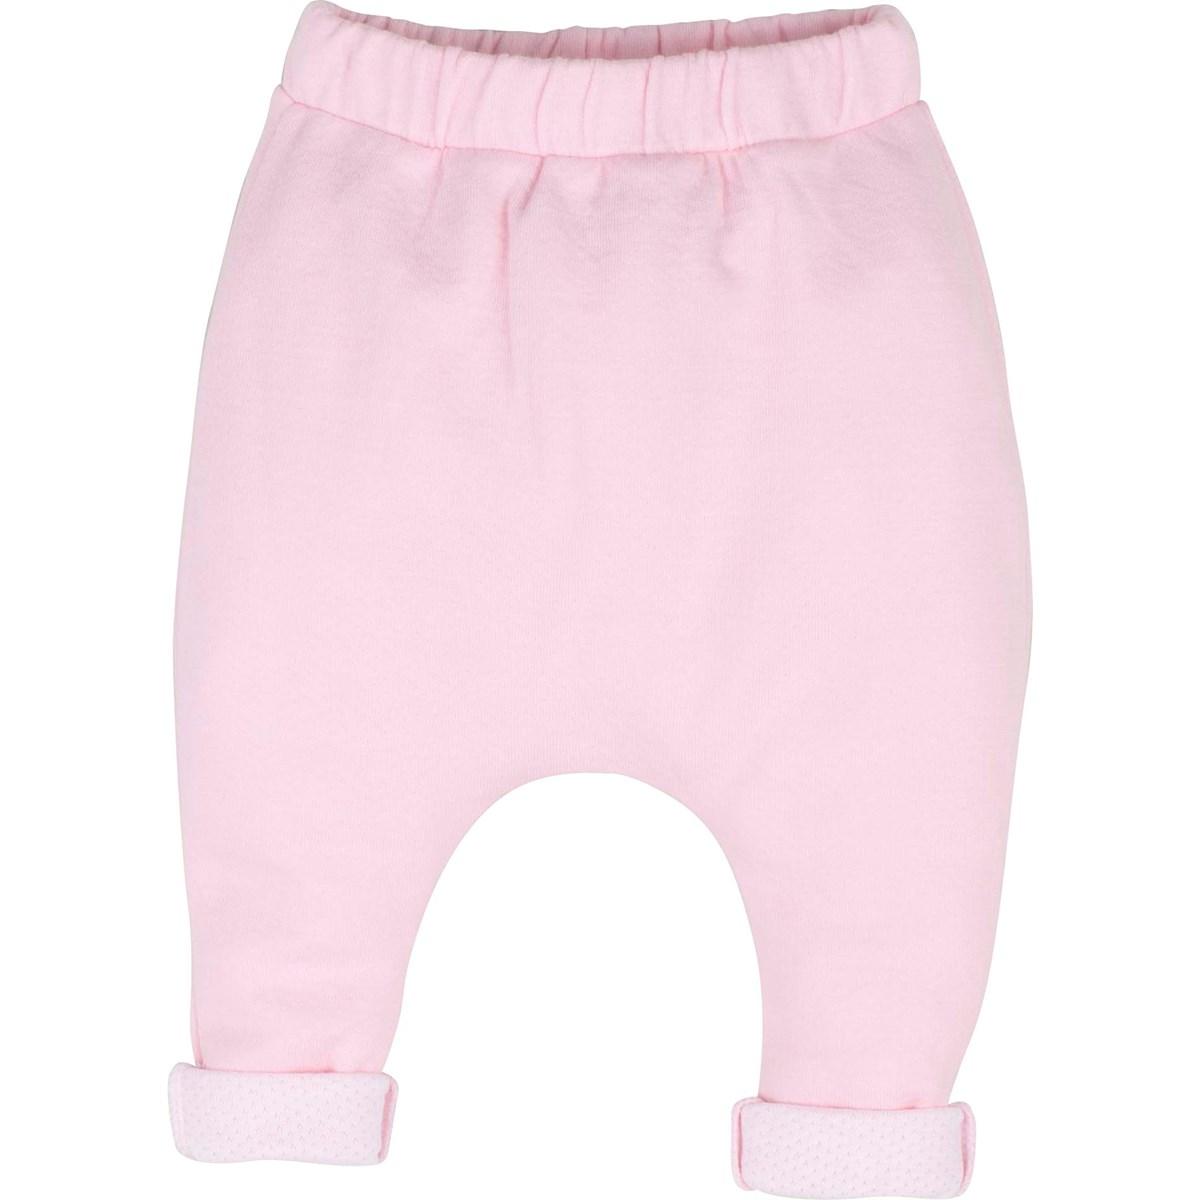 14066 Kiz 2'li Pantalon 4